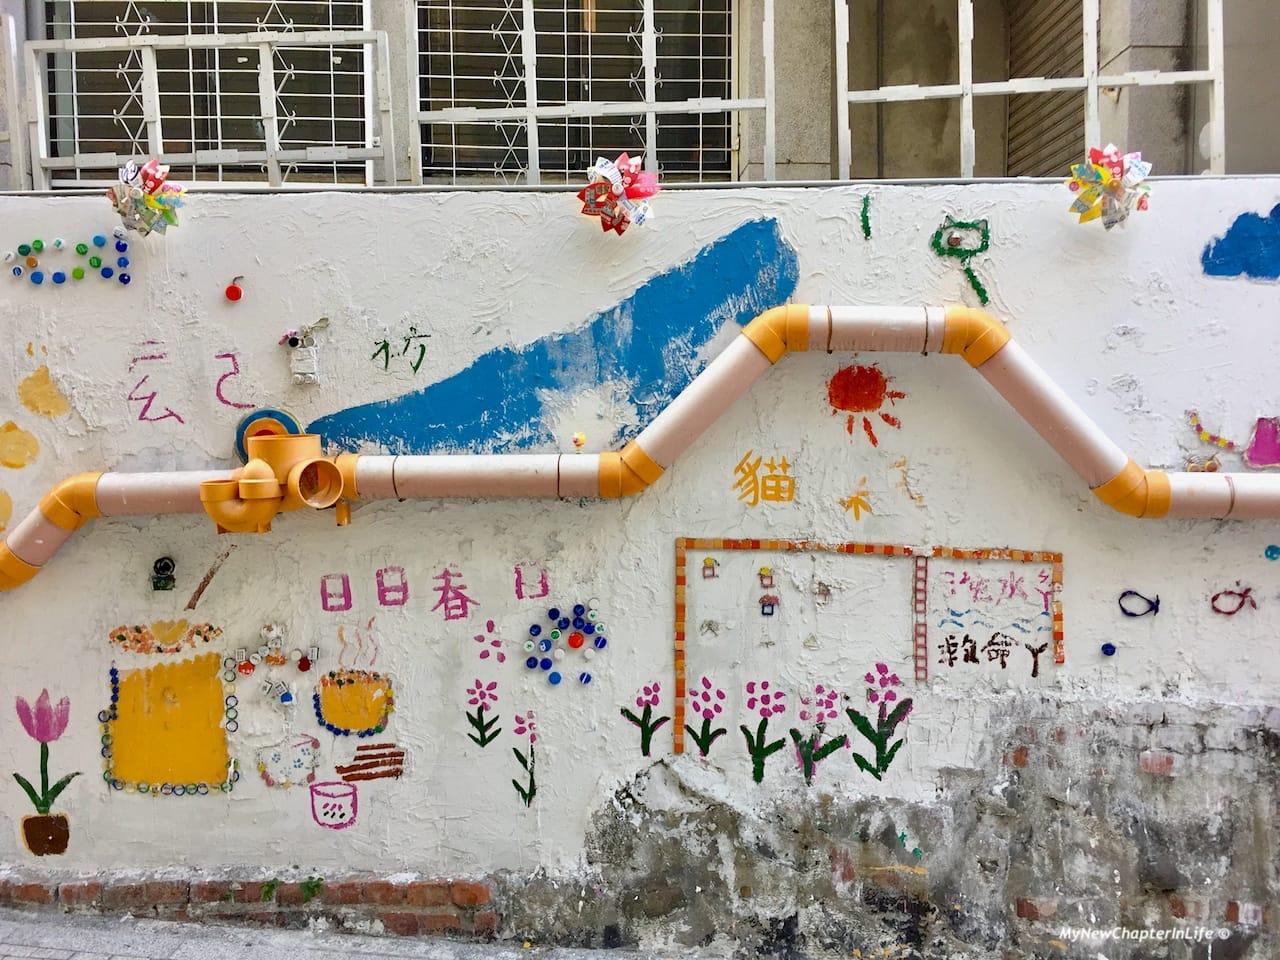 回收水管裝飾 Decoration made with recycled water pipes